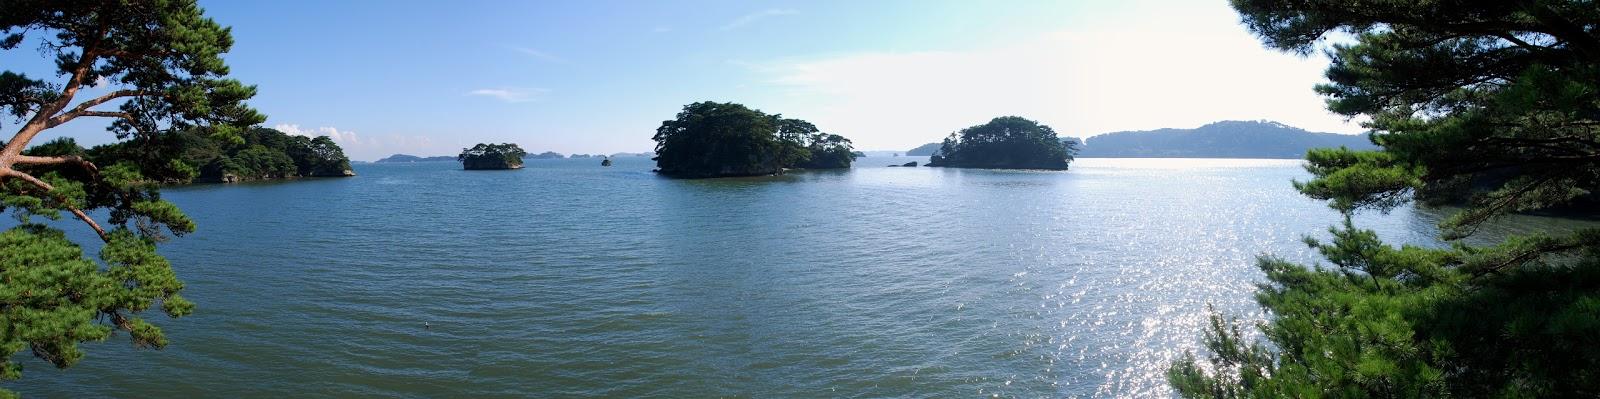 松島の海のパノラマ